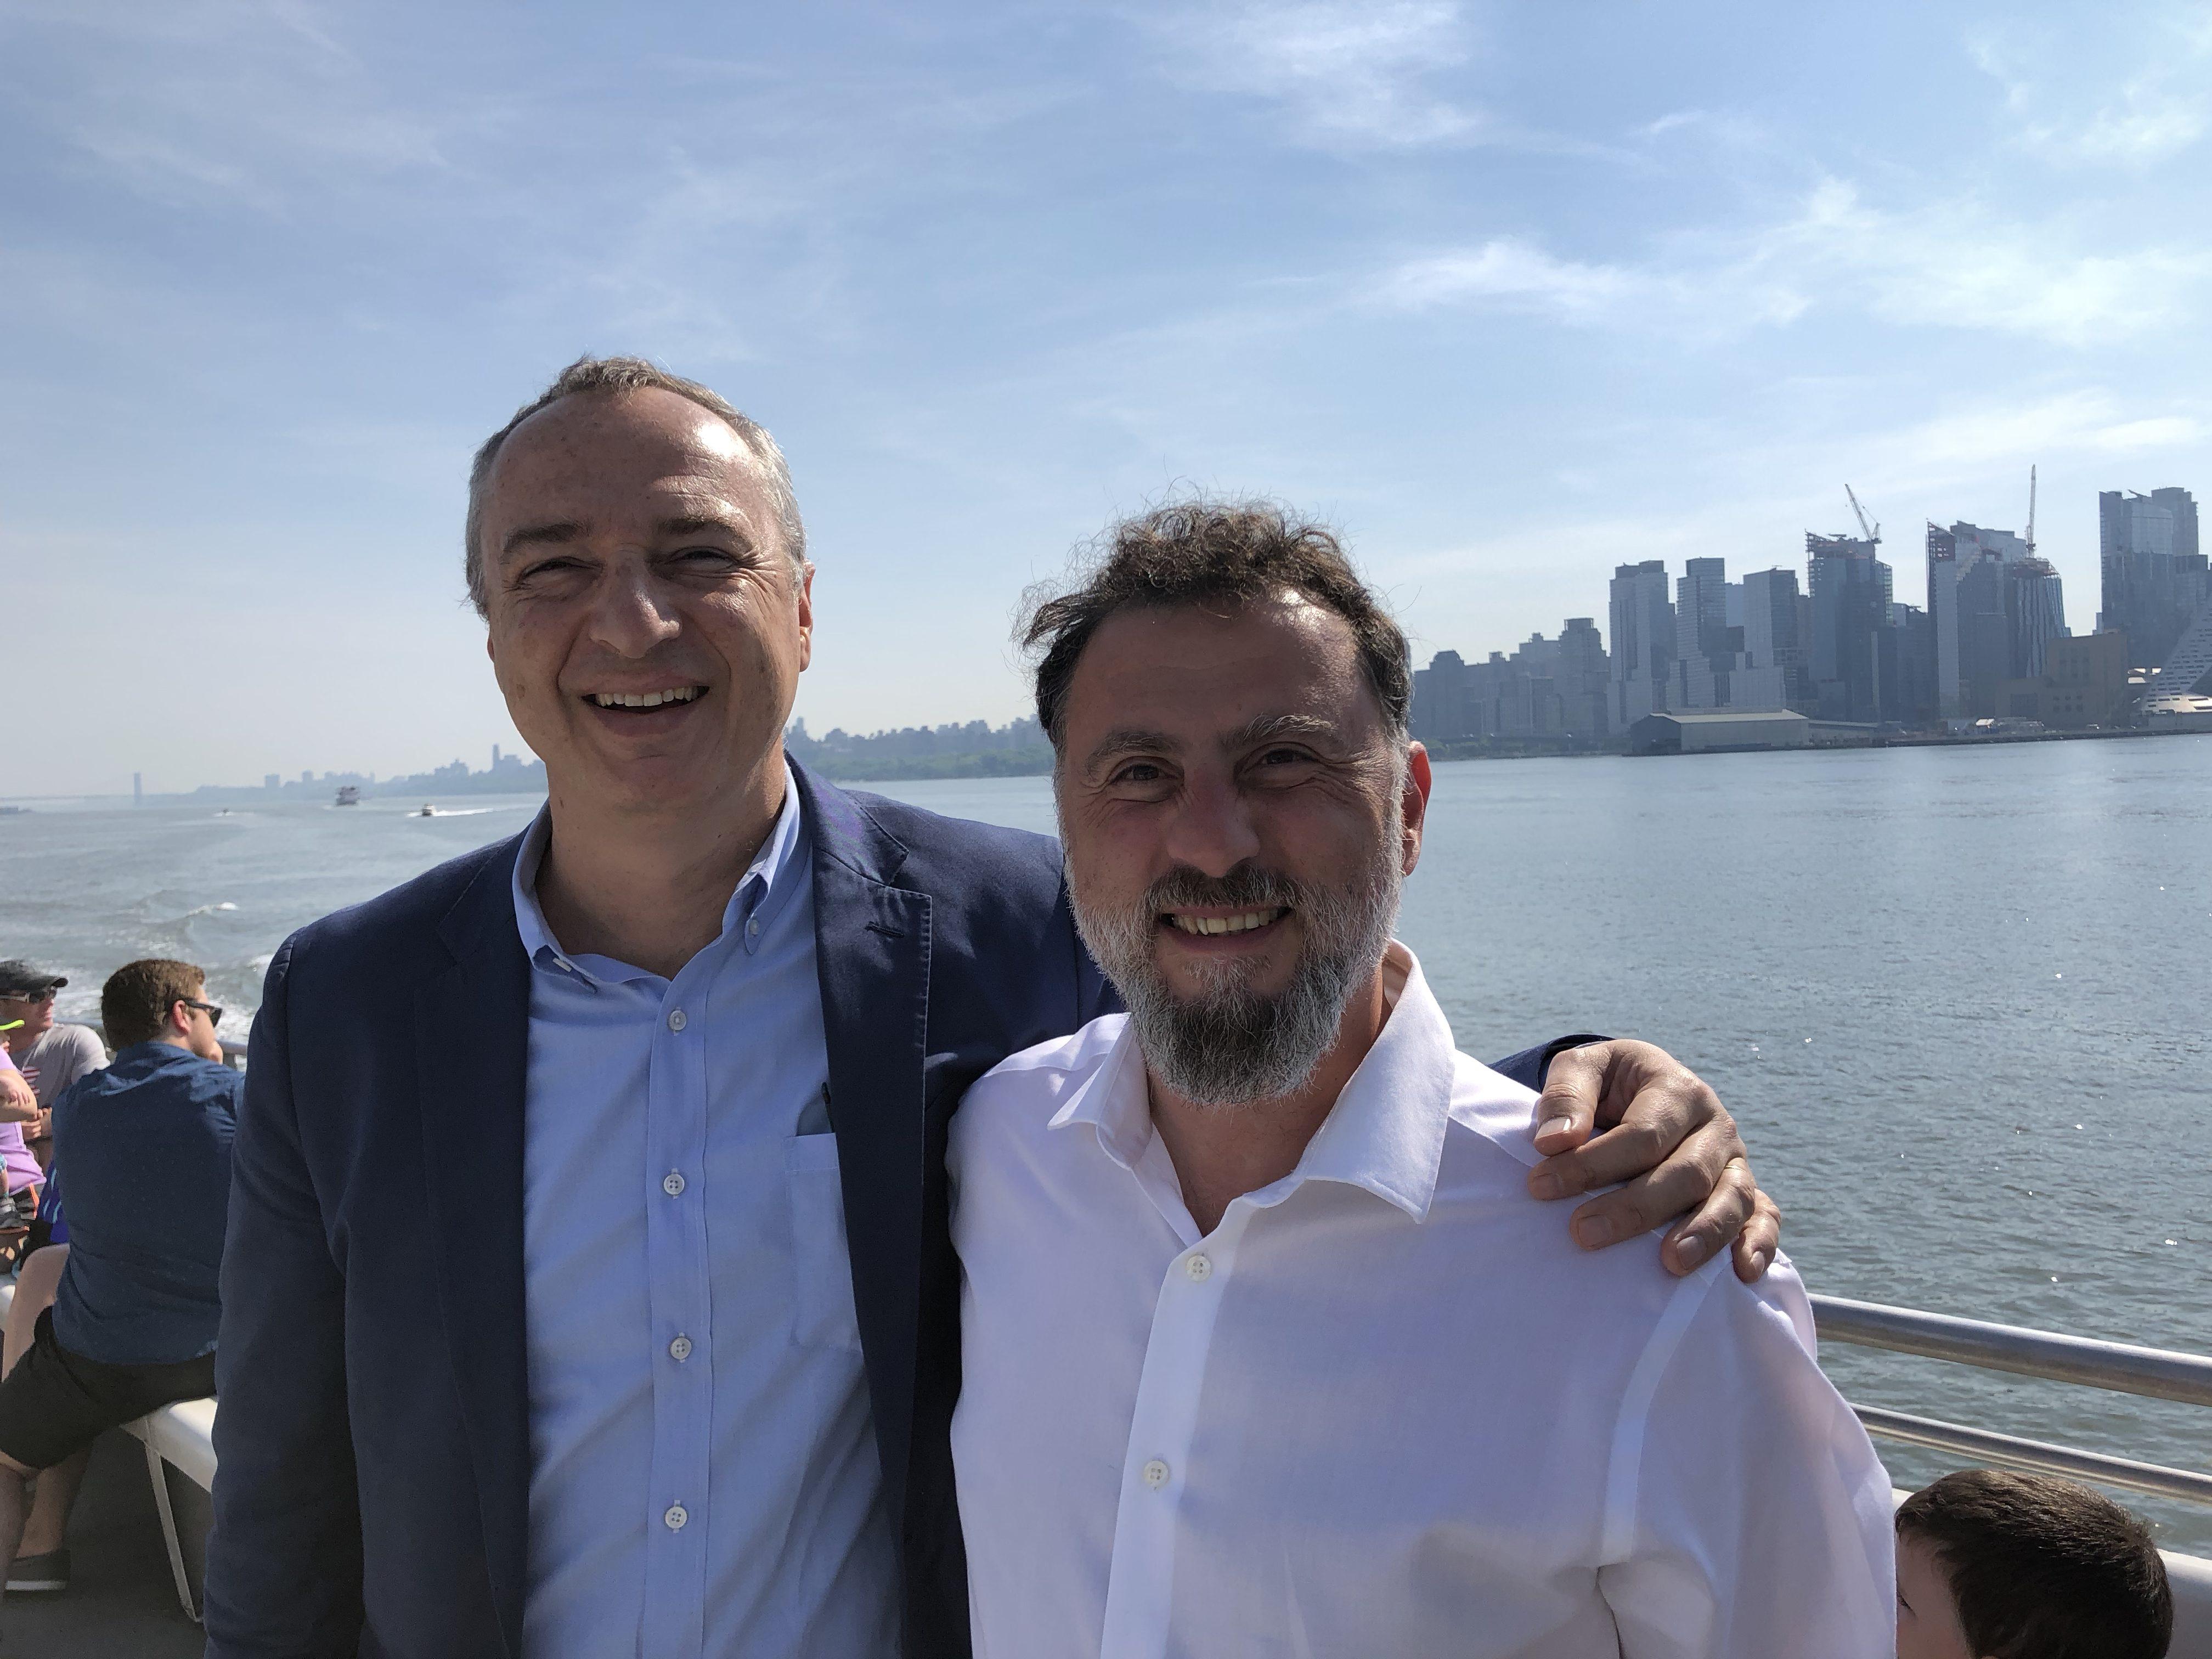 A PR man and a journalist